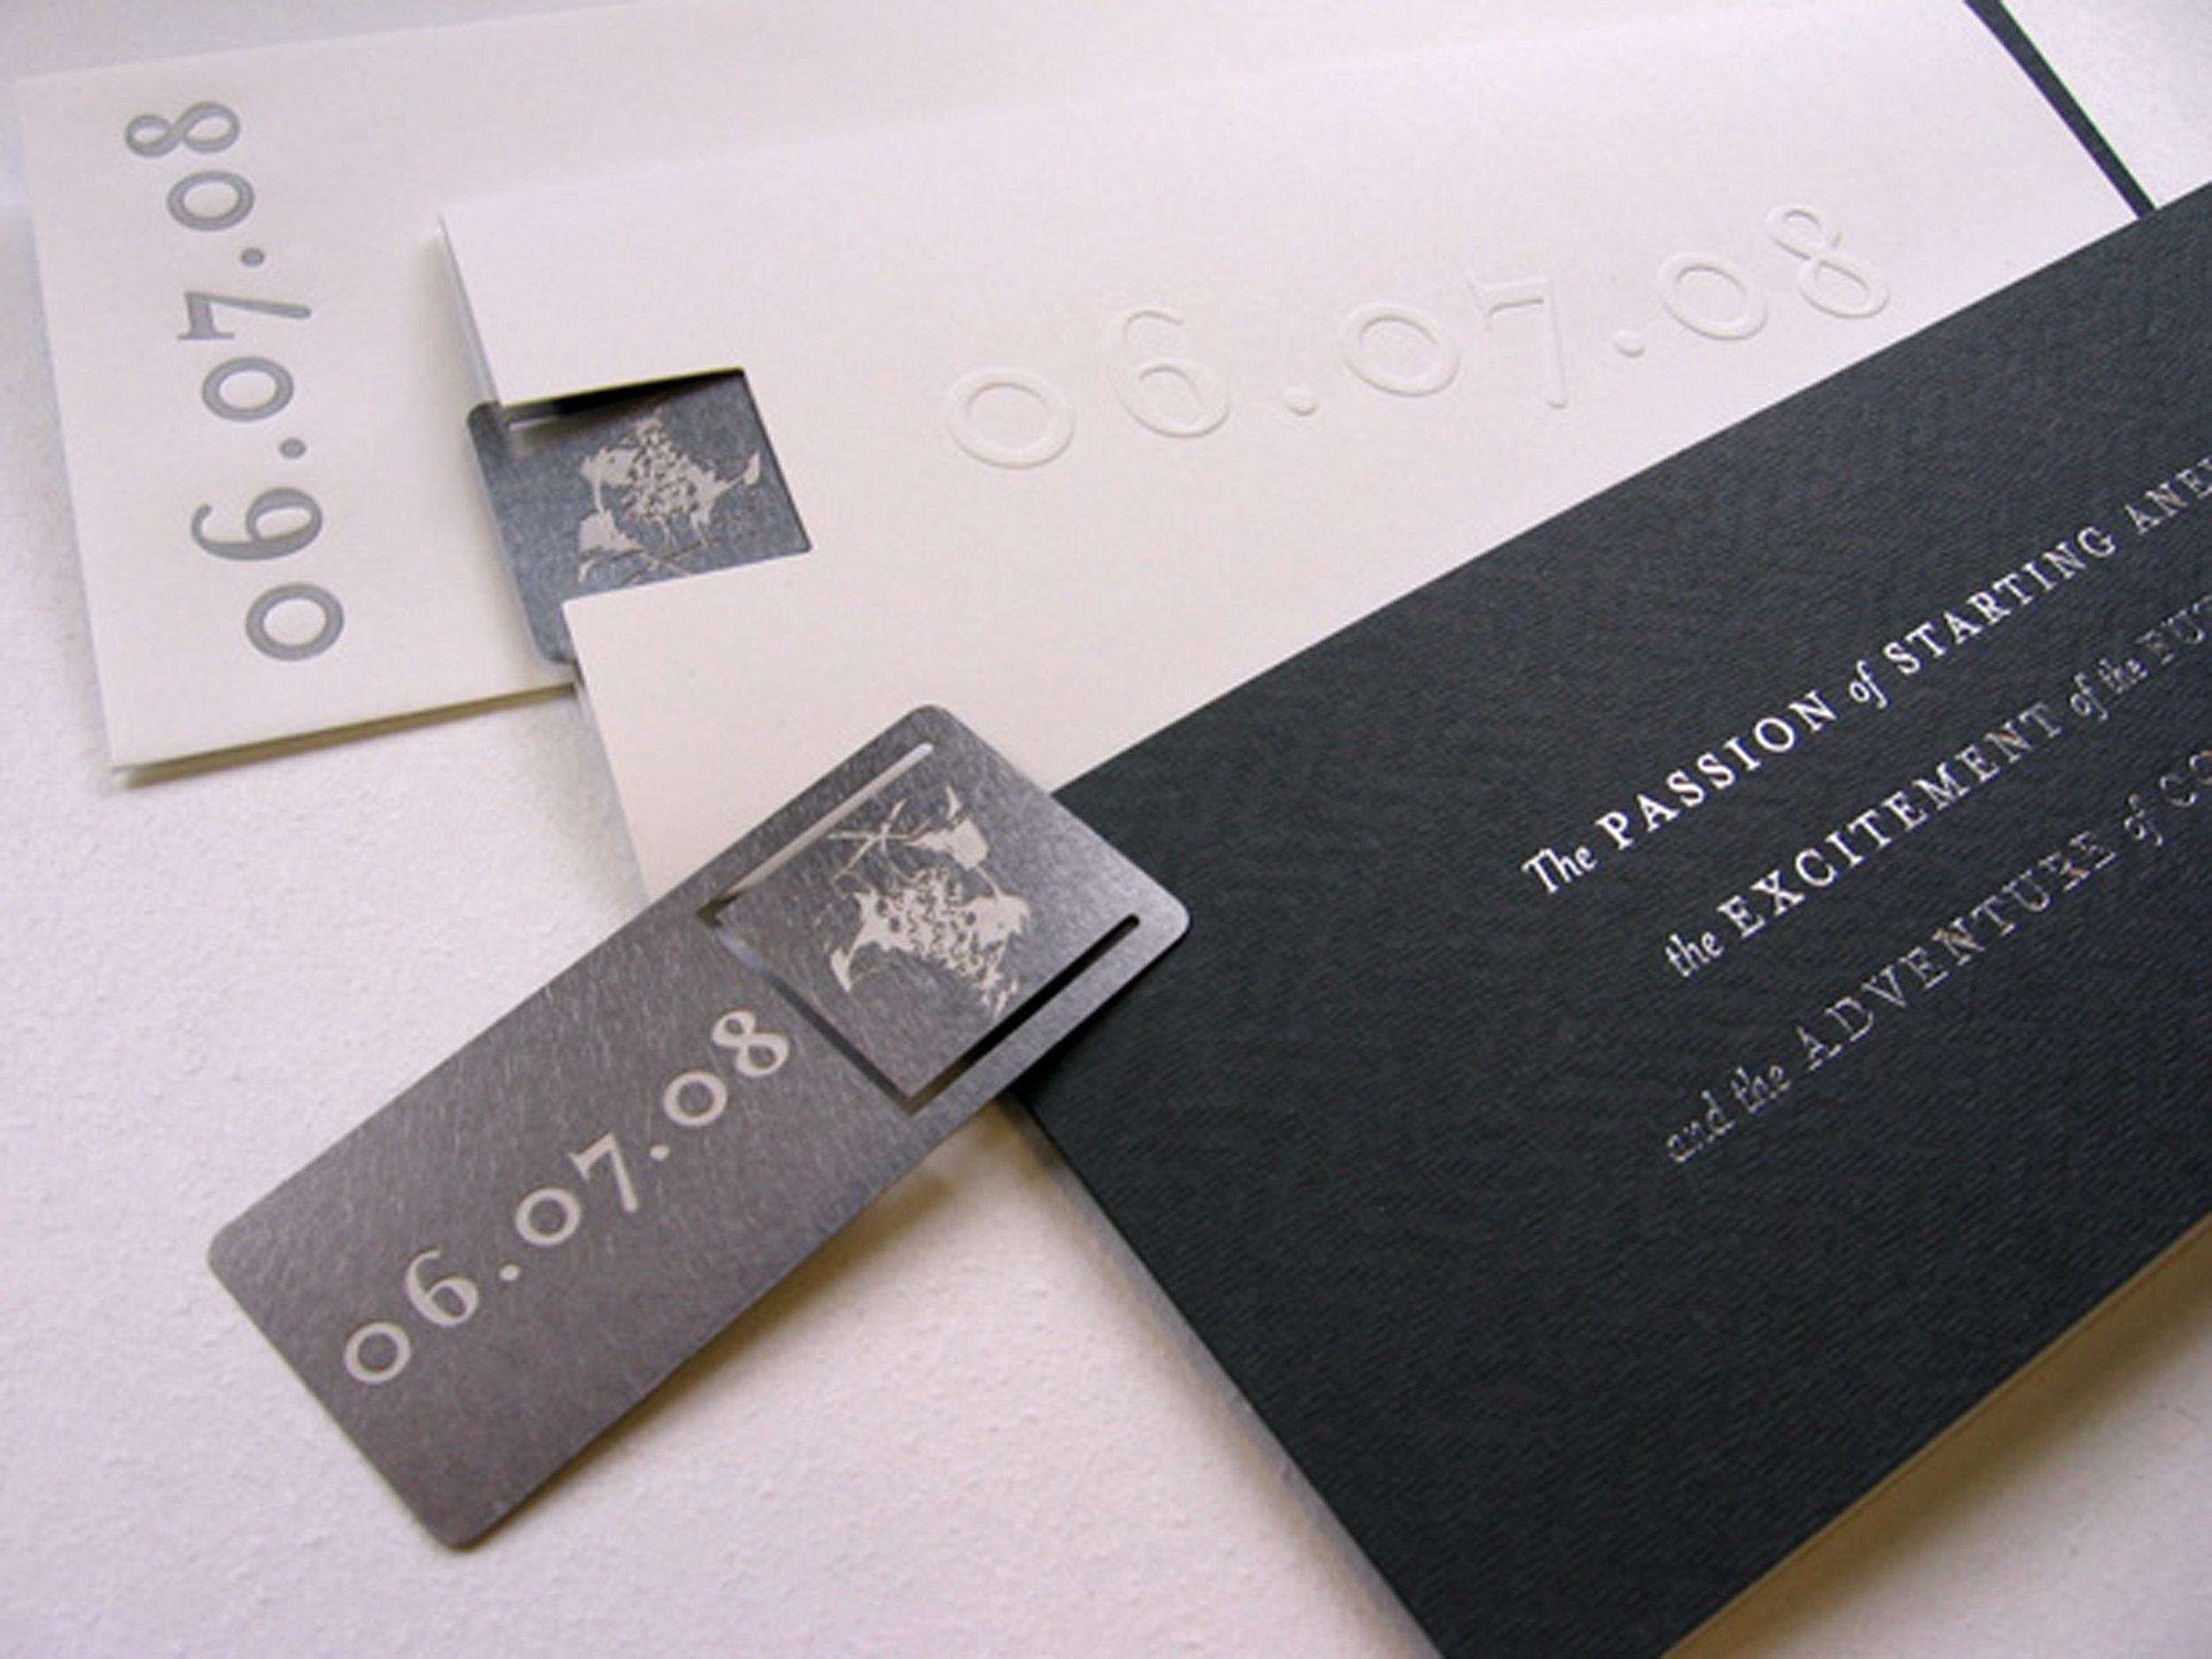 DOUBLEBACK_INVITE.jpg